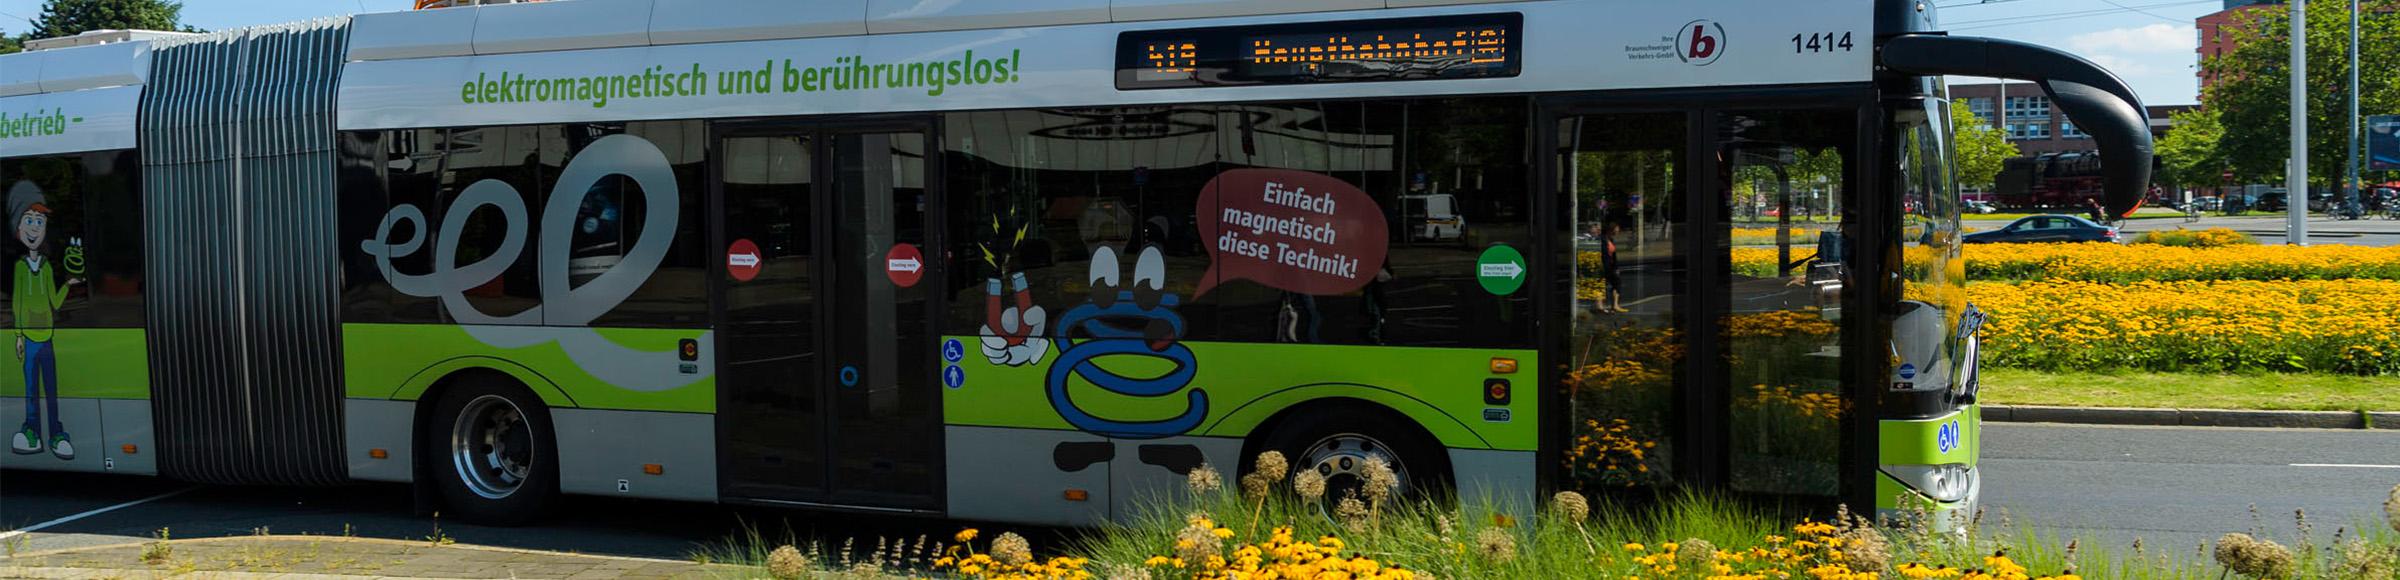 Braunschweiger Verkehrs-GmbH - Projektpartner